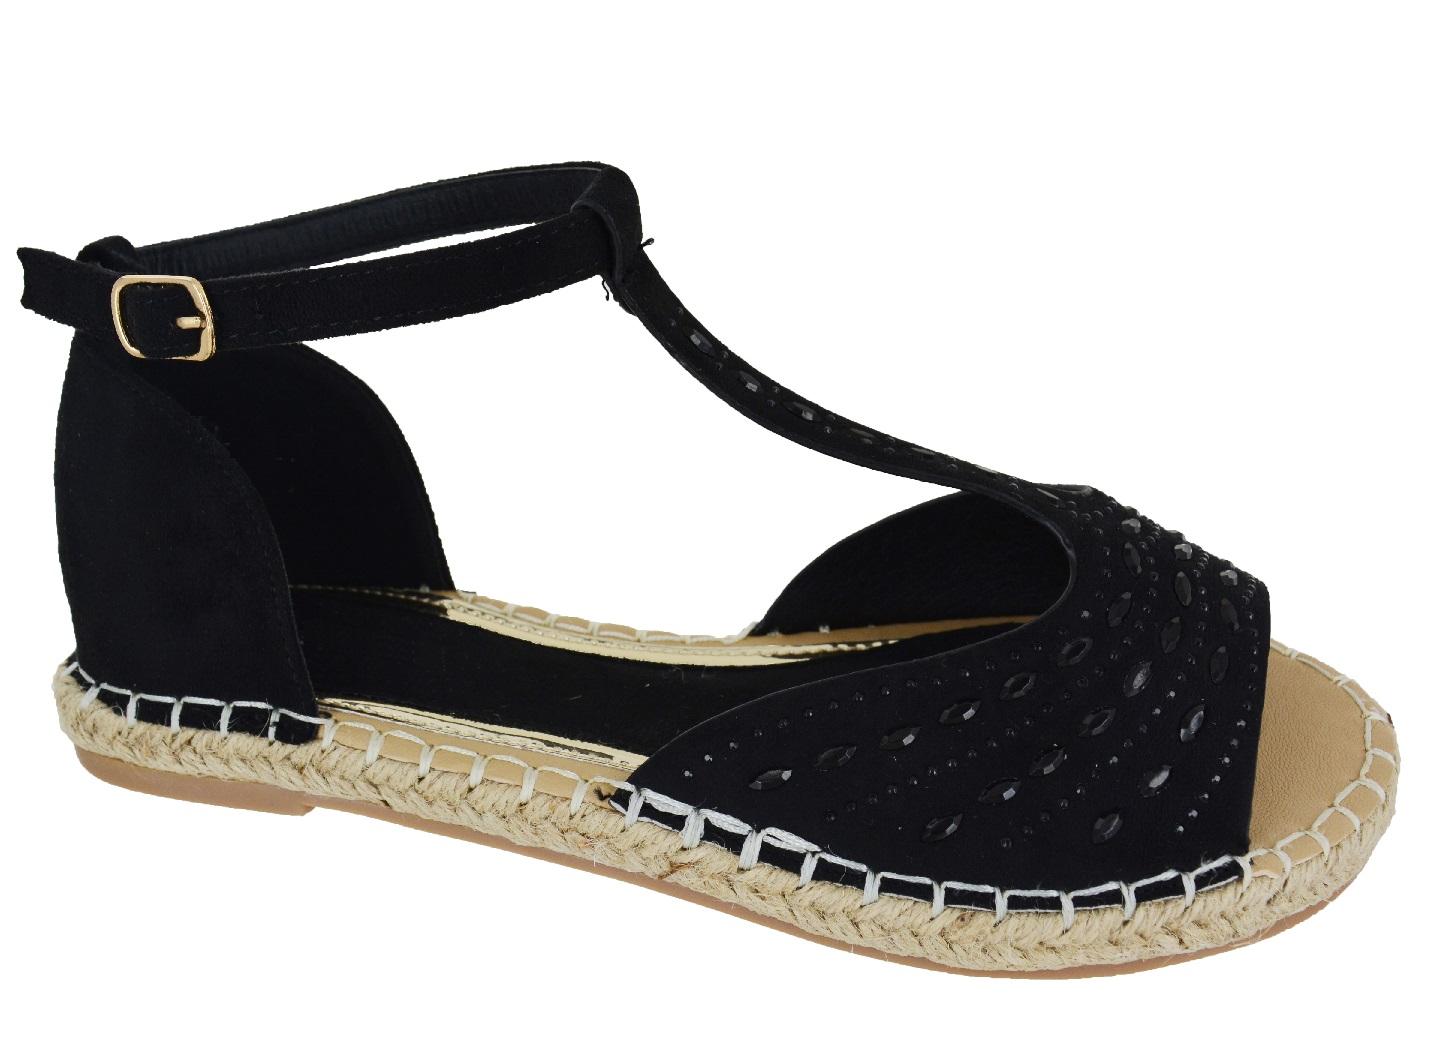 femmes dames plat peeptoe pompon t bar espadrilles chaussures sandales sz 3 8 ebay. Black Bedroom Furniture Sets. Home Design Ideas